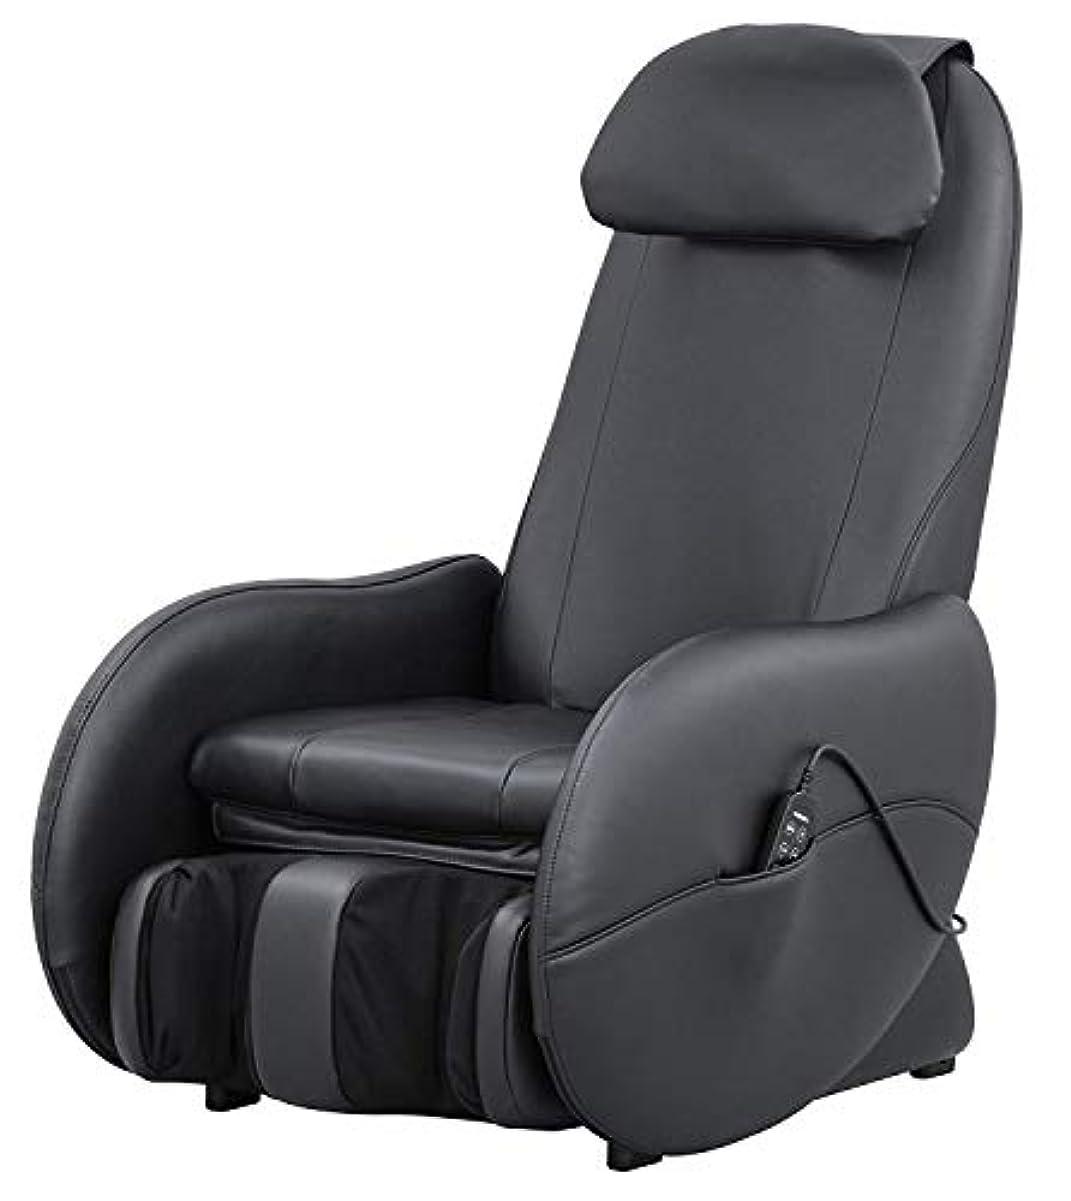 音楽家精通した樹木スライヴ くつろぎ指定席Light マッサージチェア CHD-3500-BK ブラック 正規品 おしゃれ コンパクト 小型